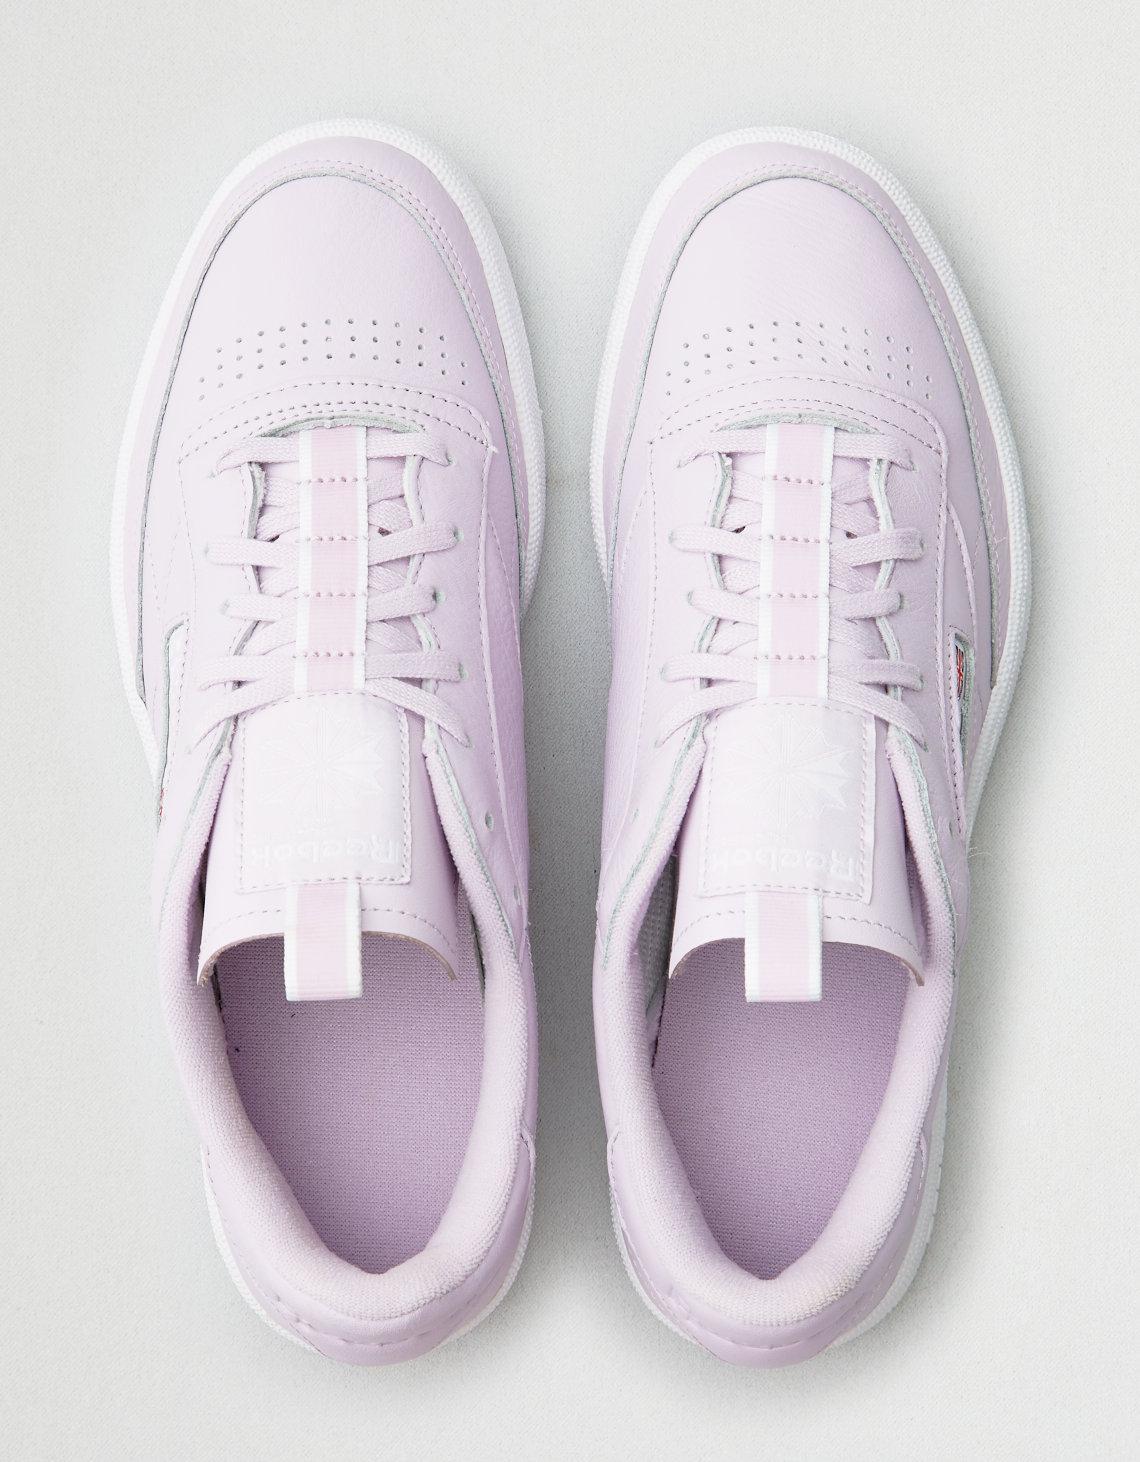 C Club Reebok Eagle Sneaker 85 Men In Lyst Purple American For Rt xqI61ESw 34b4a4d3395